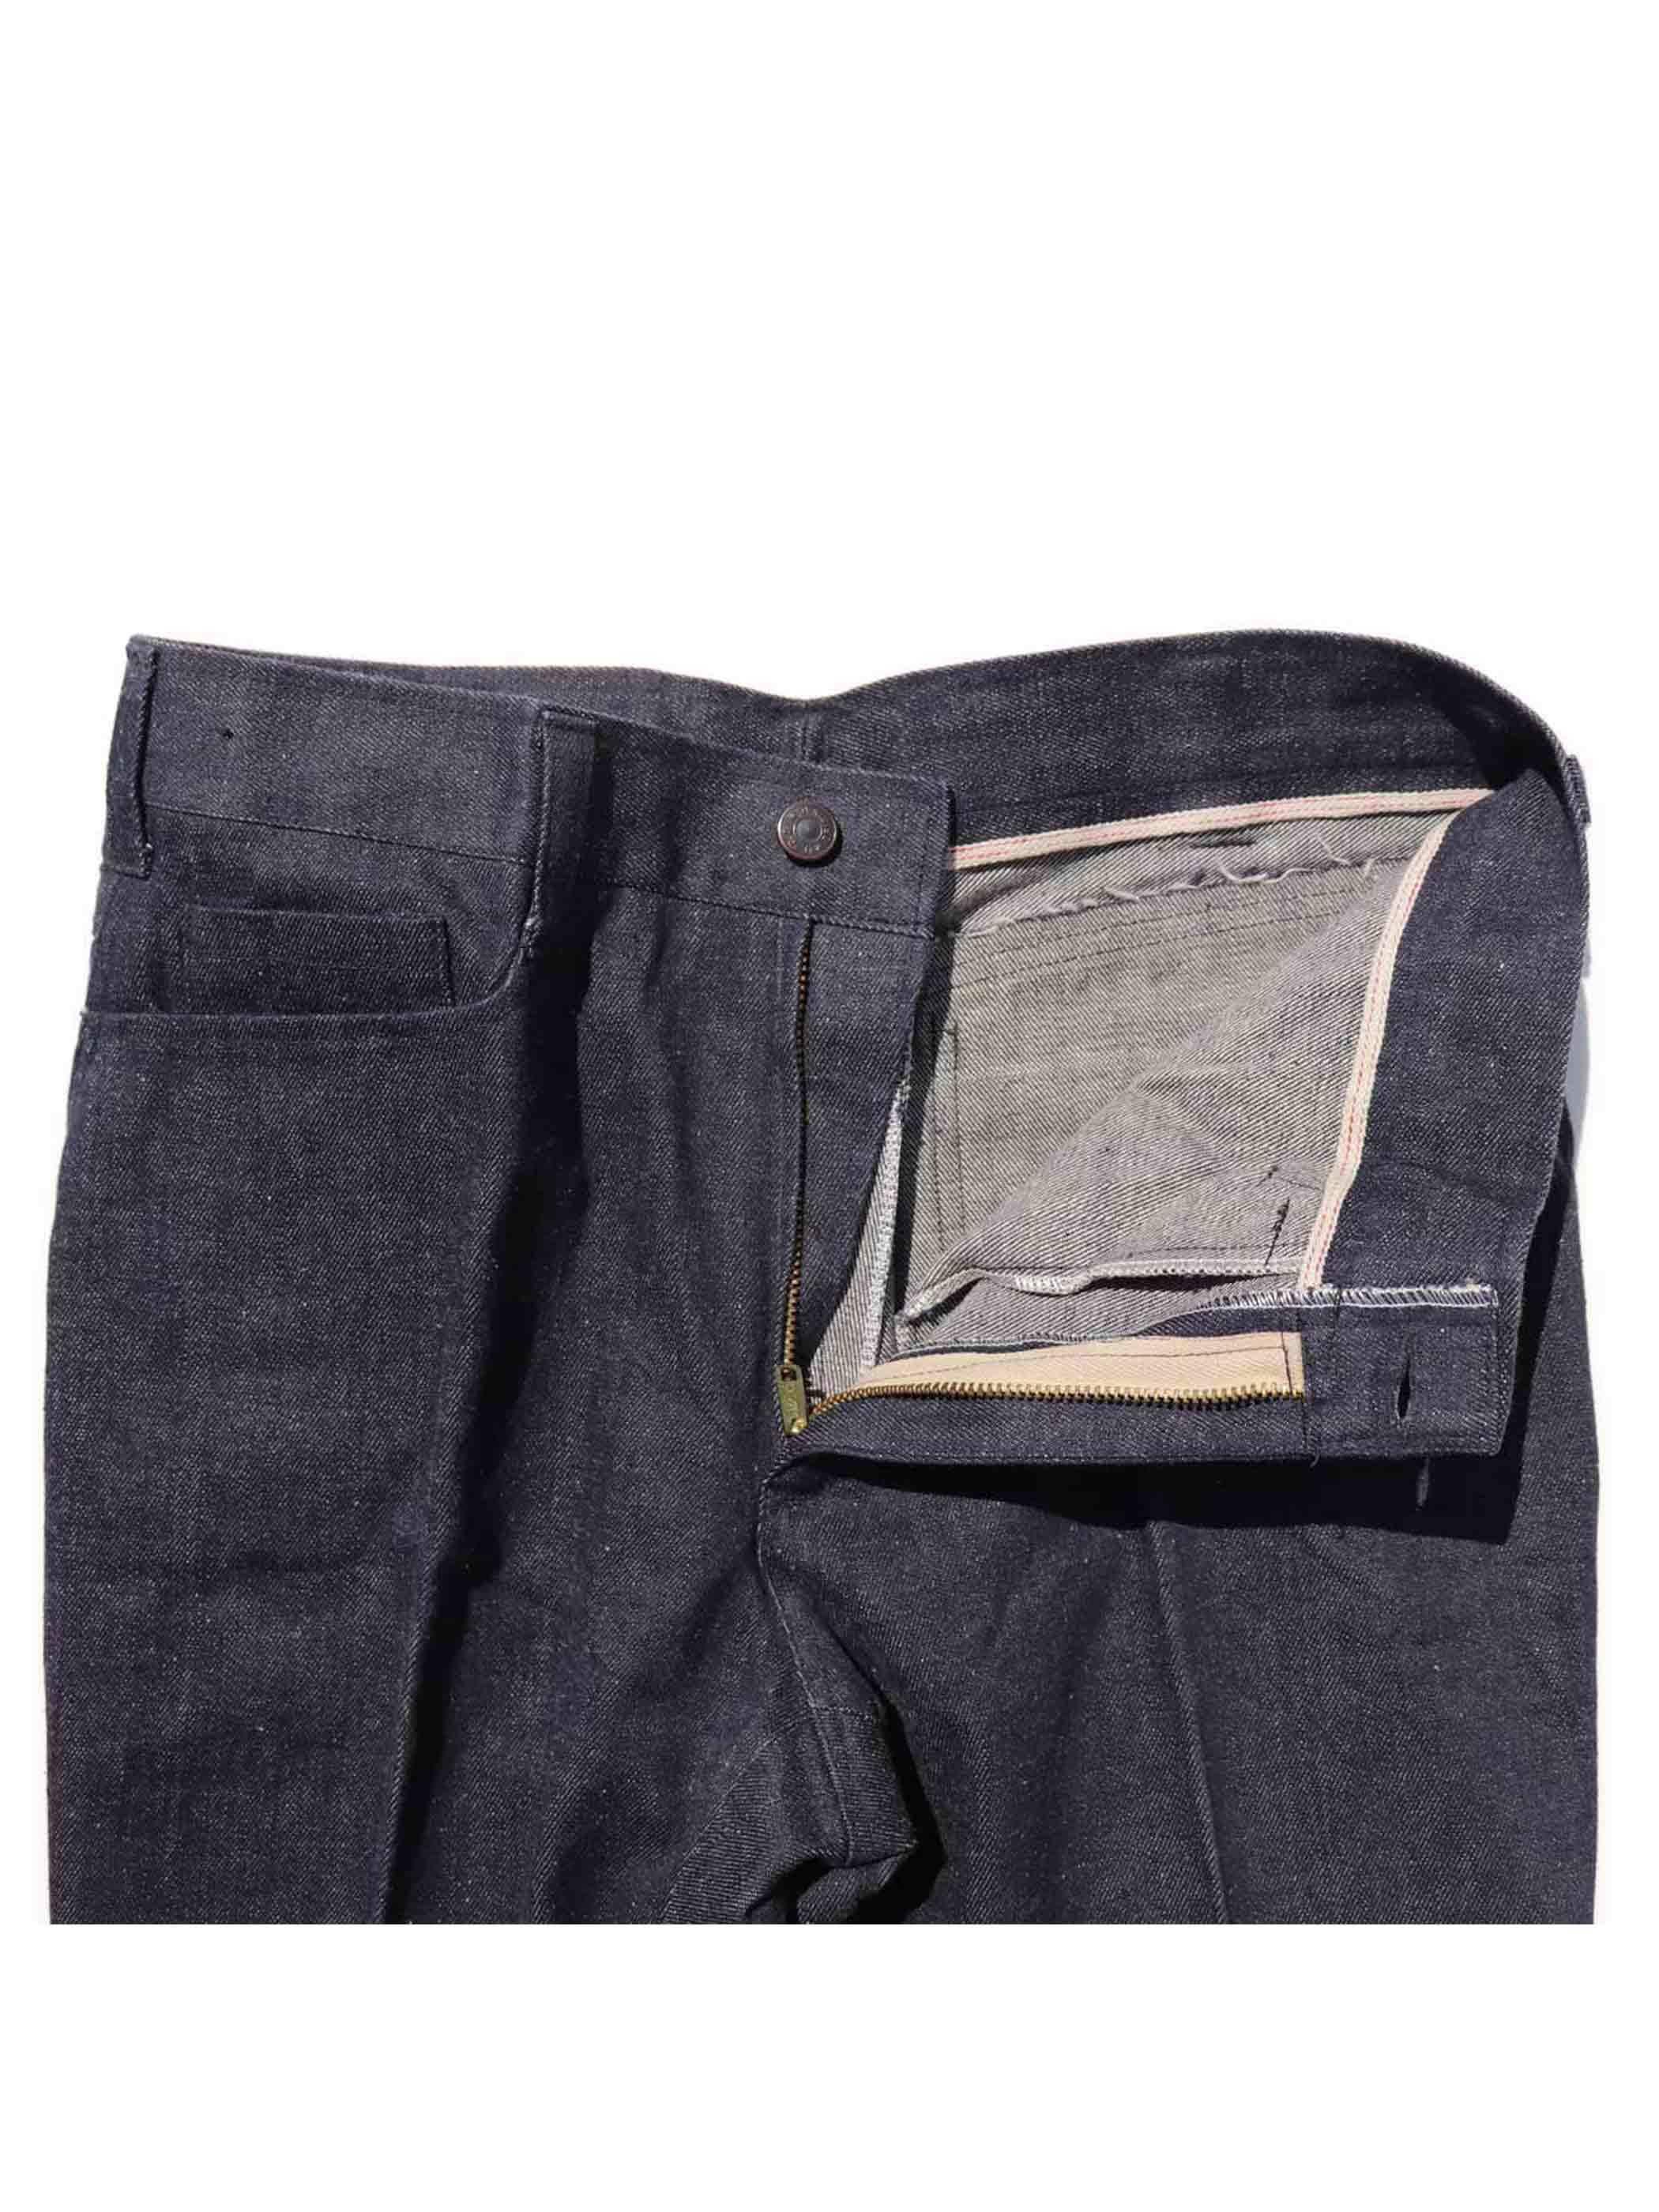 70's~ UNKNOWN ZIGZAG MAN 刺繍 ベルボトムジーンズ [W31]